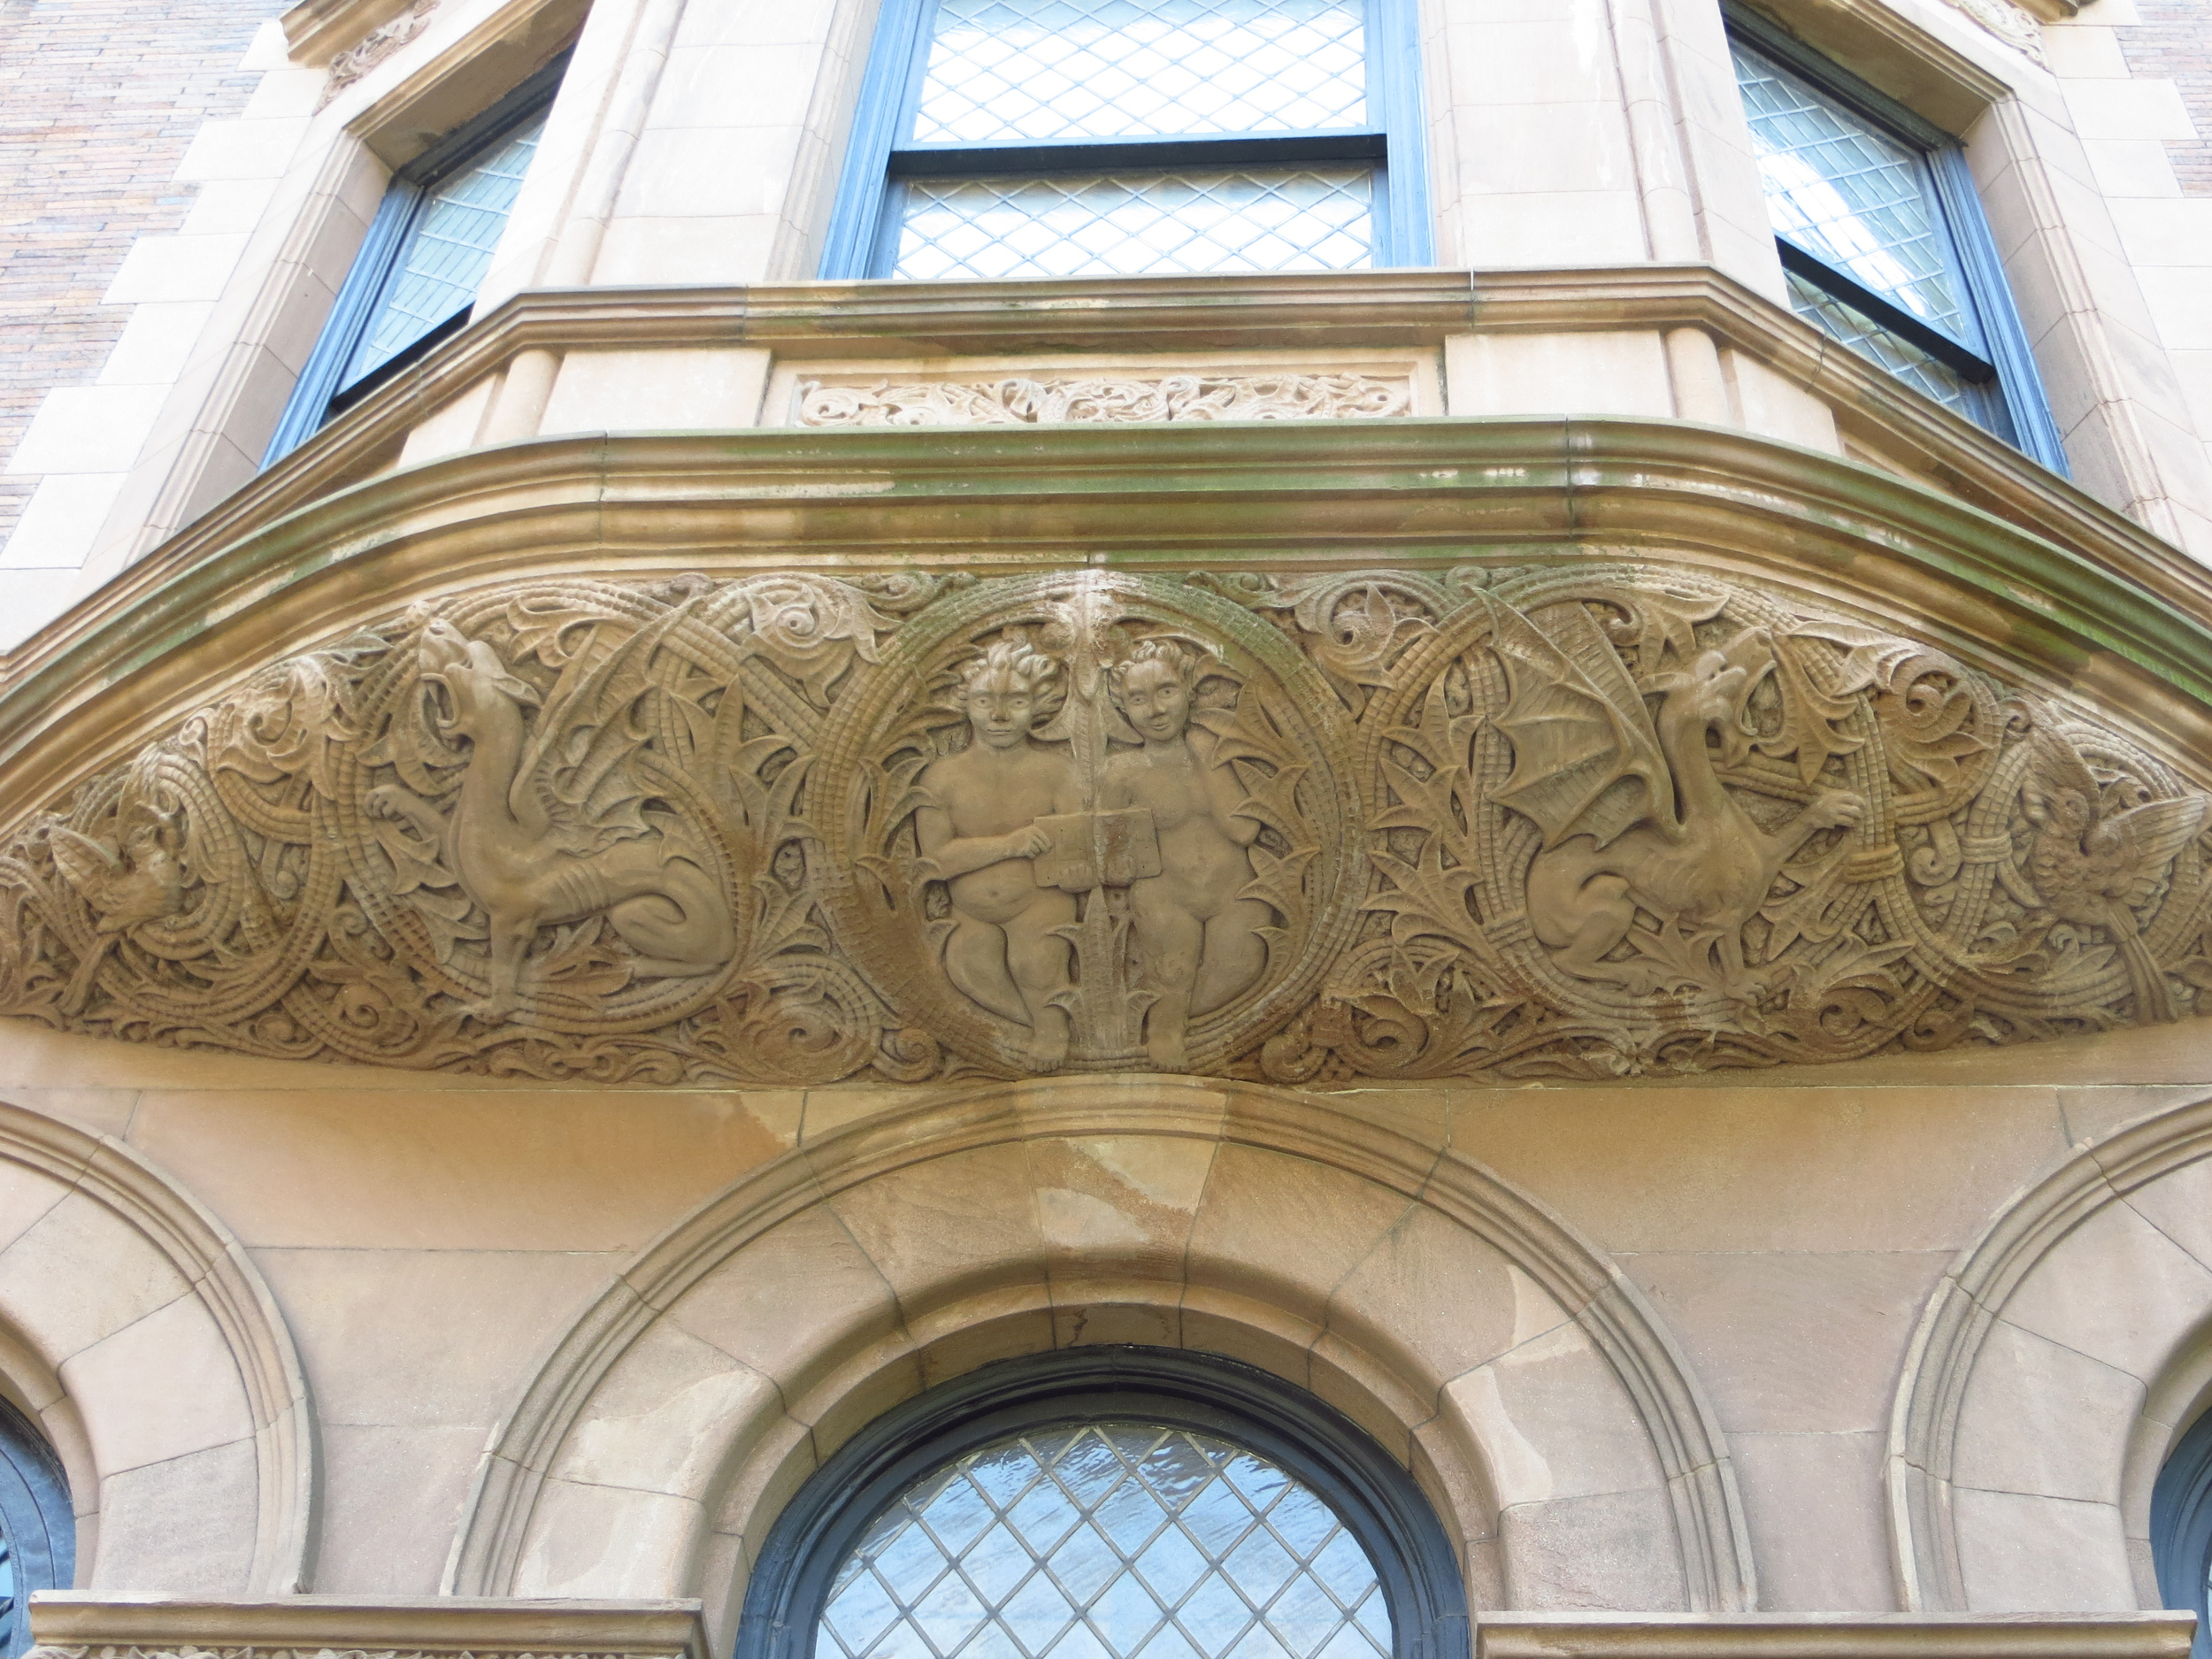 Elaborate under-window frieze